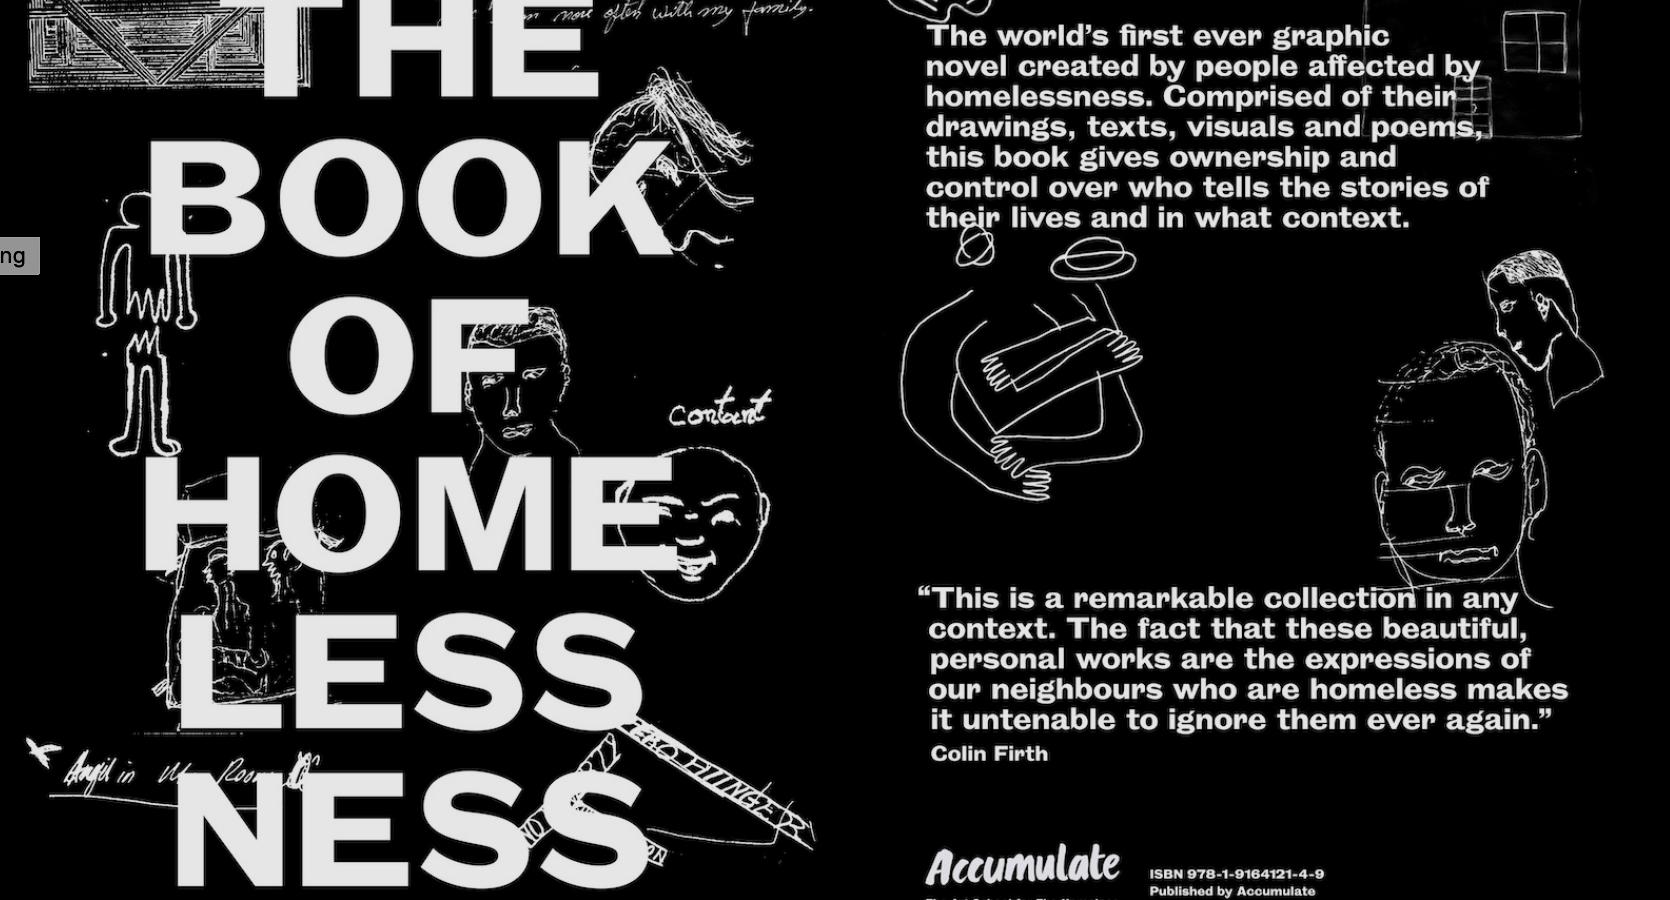 ホームレスがアーティストに。英アートスクールが出版する「The Book of Homelessness」